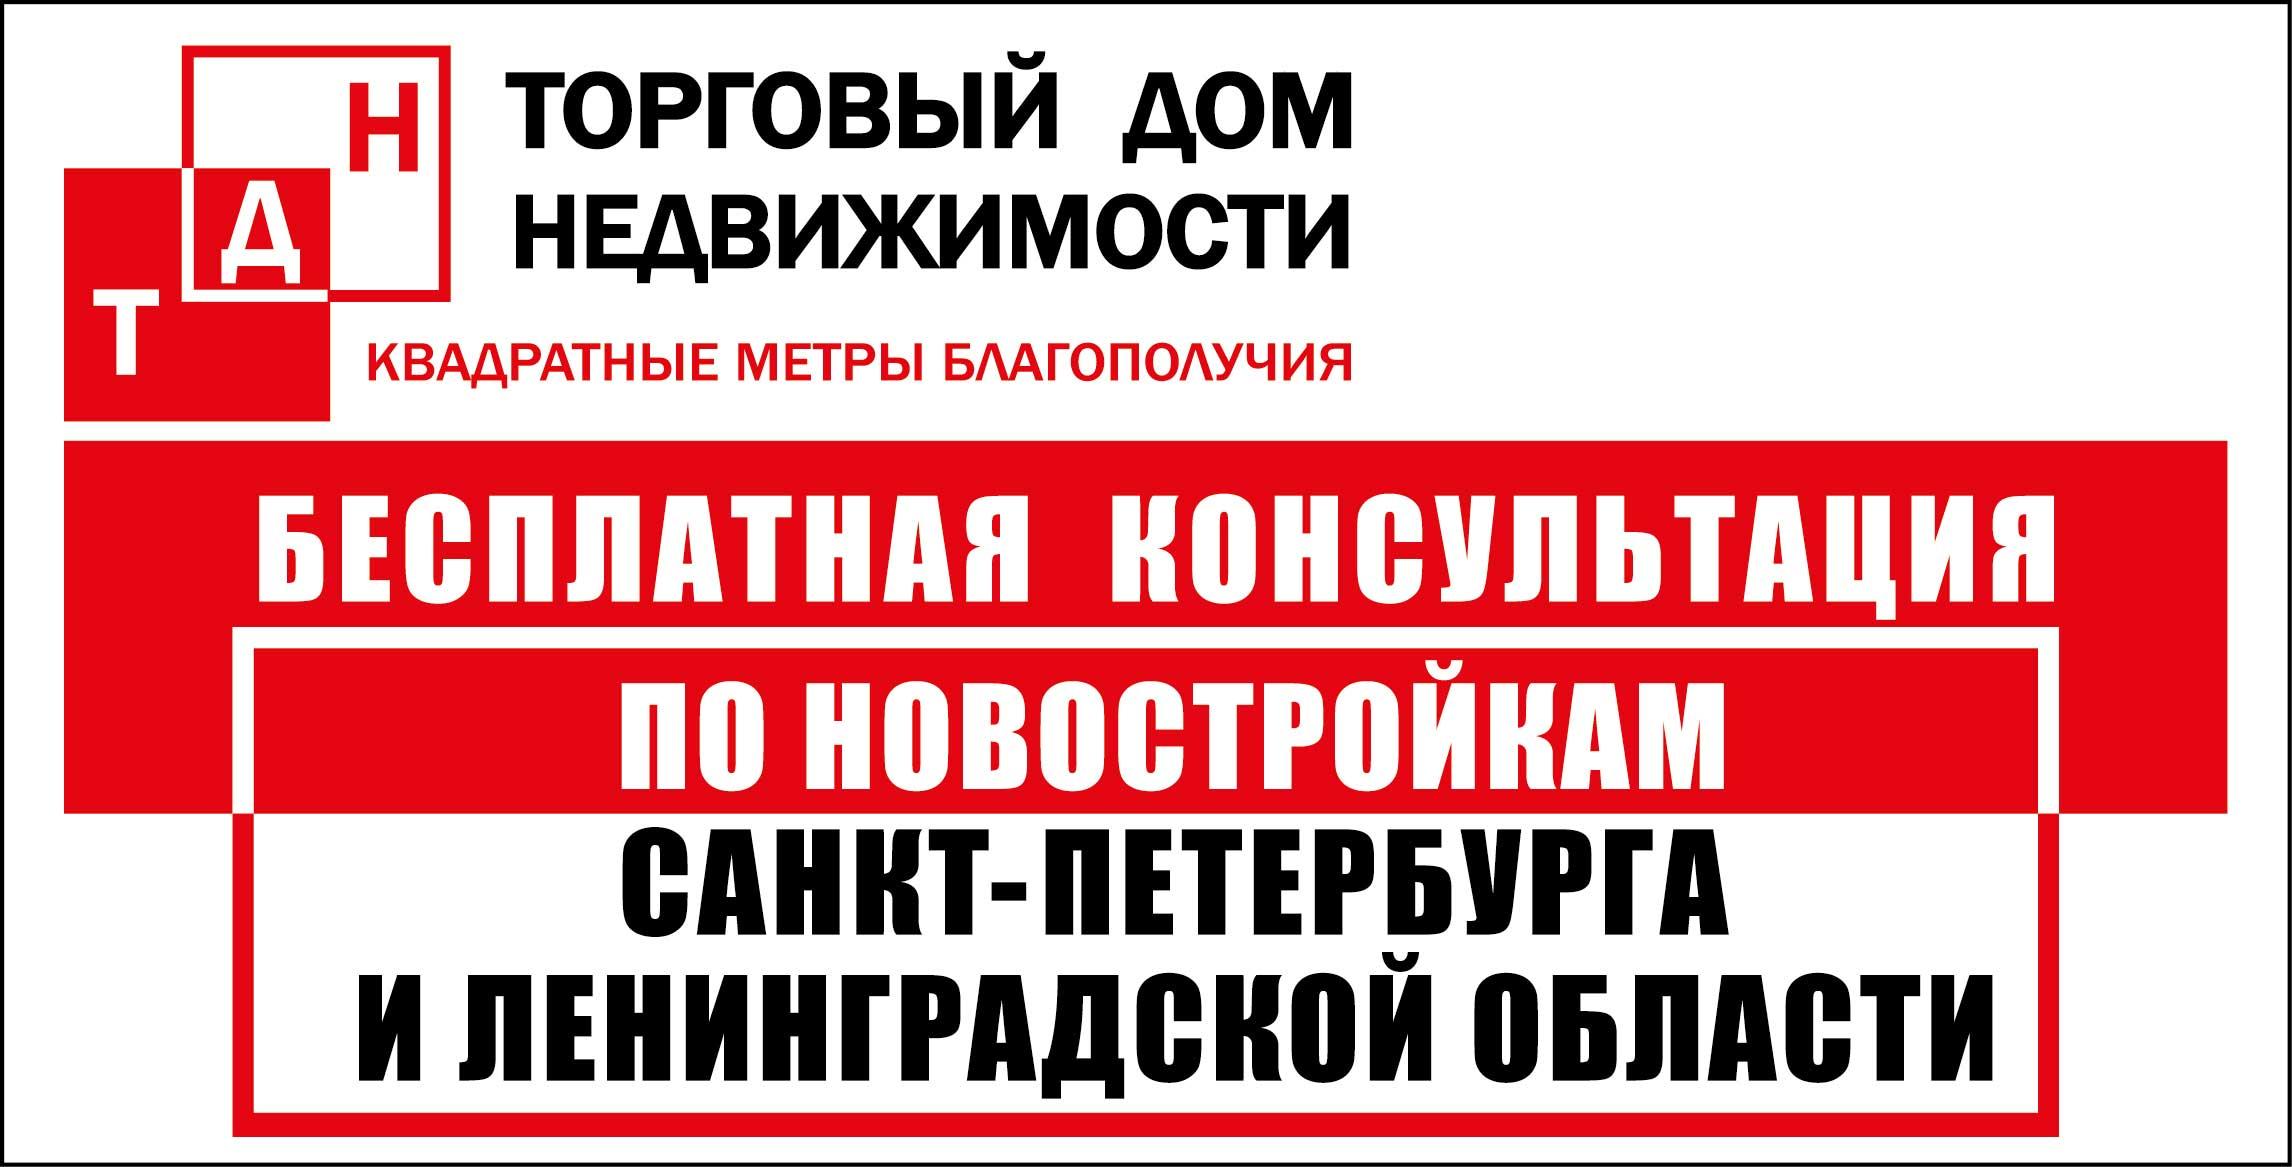 Частные объявления о сдаче жилья в спб выборгский район объявления куплю портупею военную в новосибирске